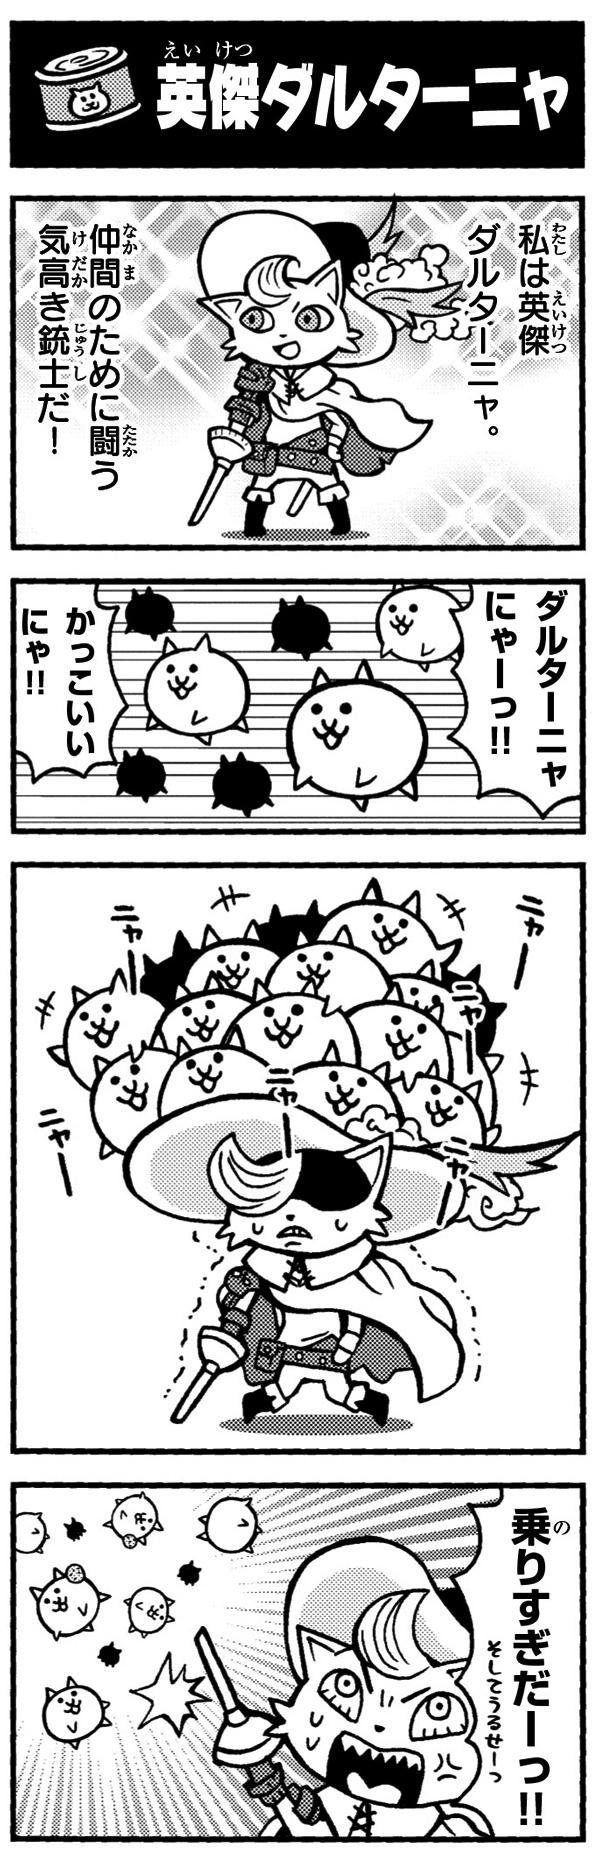 にゃんこ 大 戦争 超 ネコ 祭 いつ